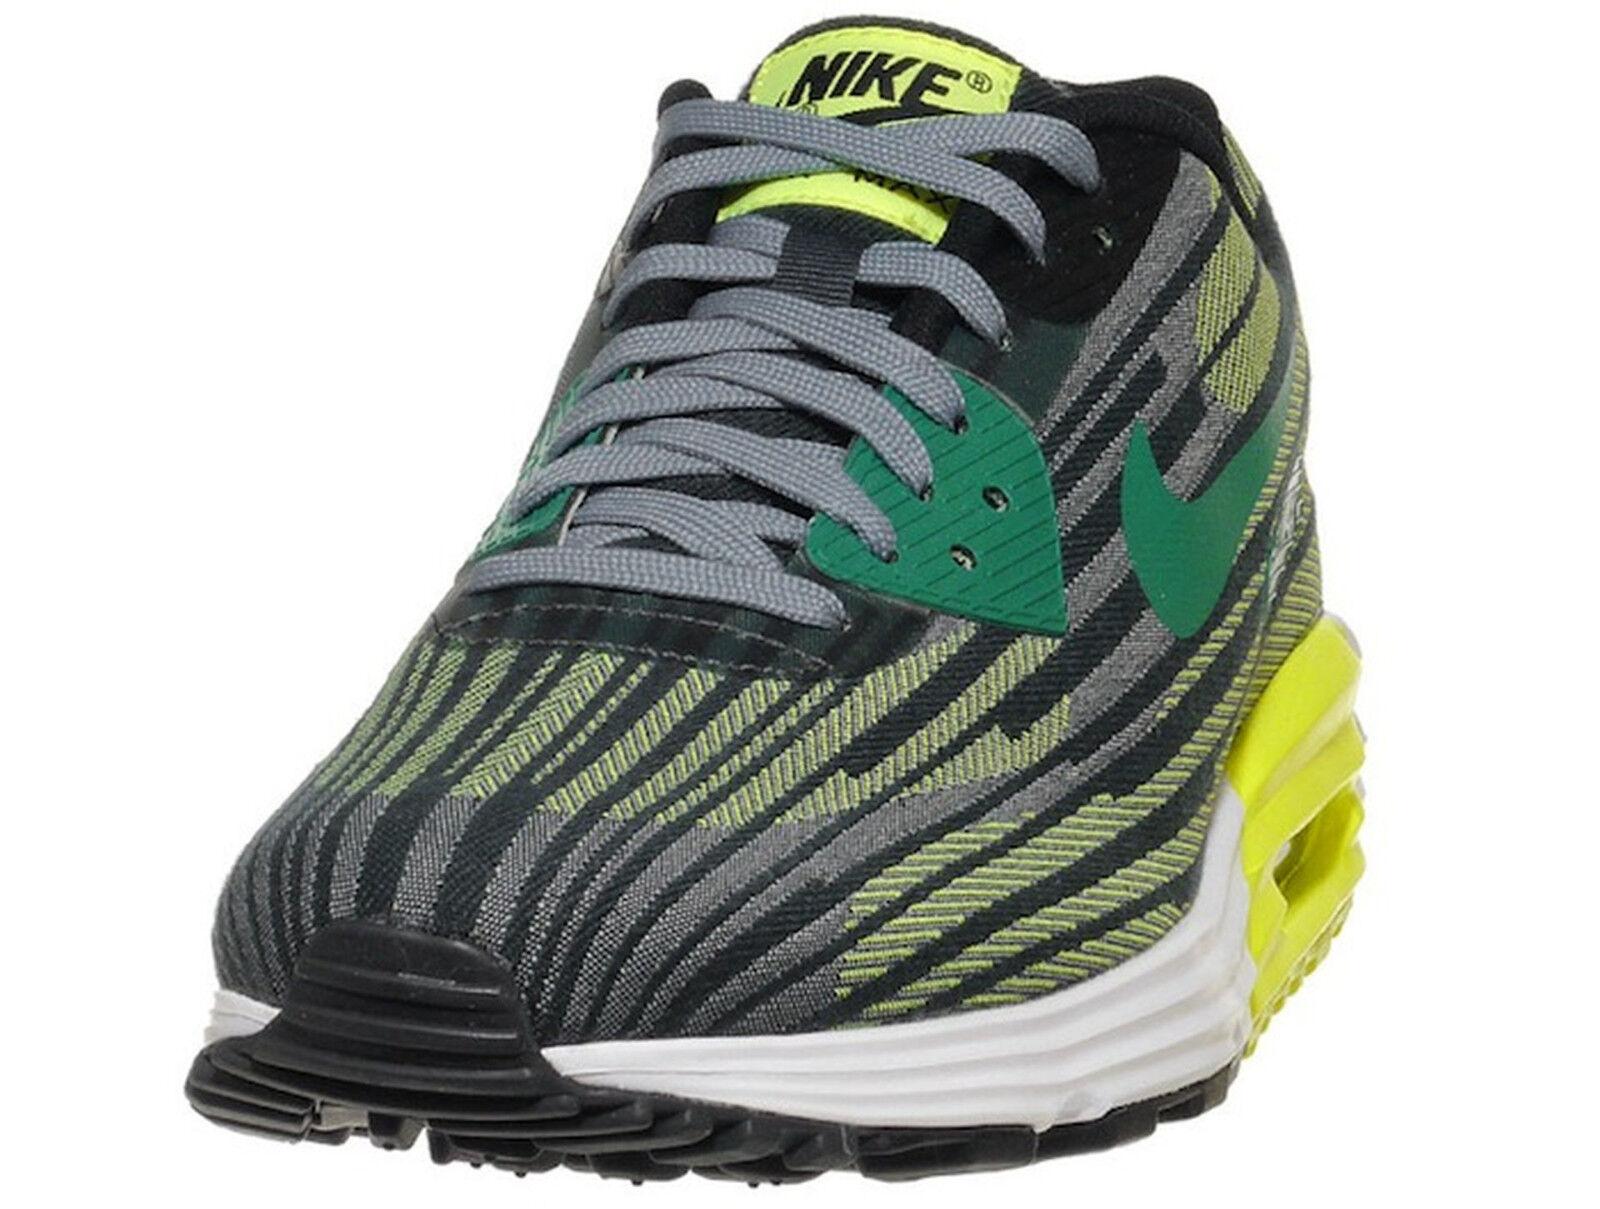 Nike air mens max 90 jcrd lunar mens air sz 11,5 654468-003 magnetn mystische grn fd74bd